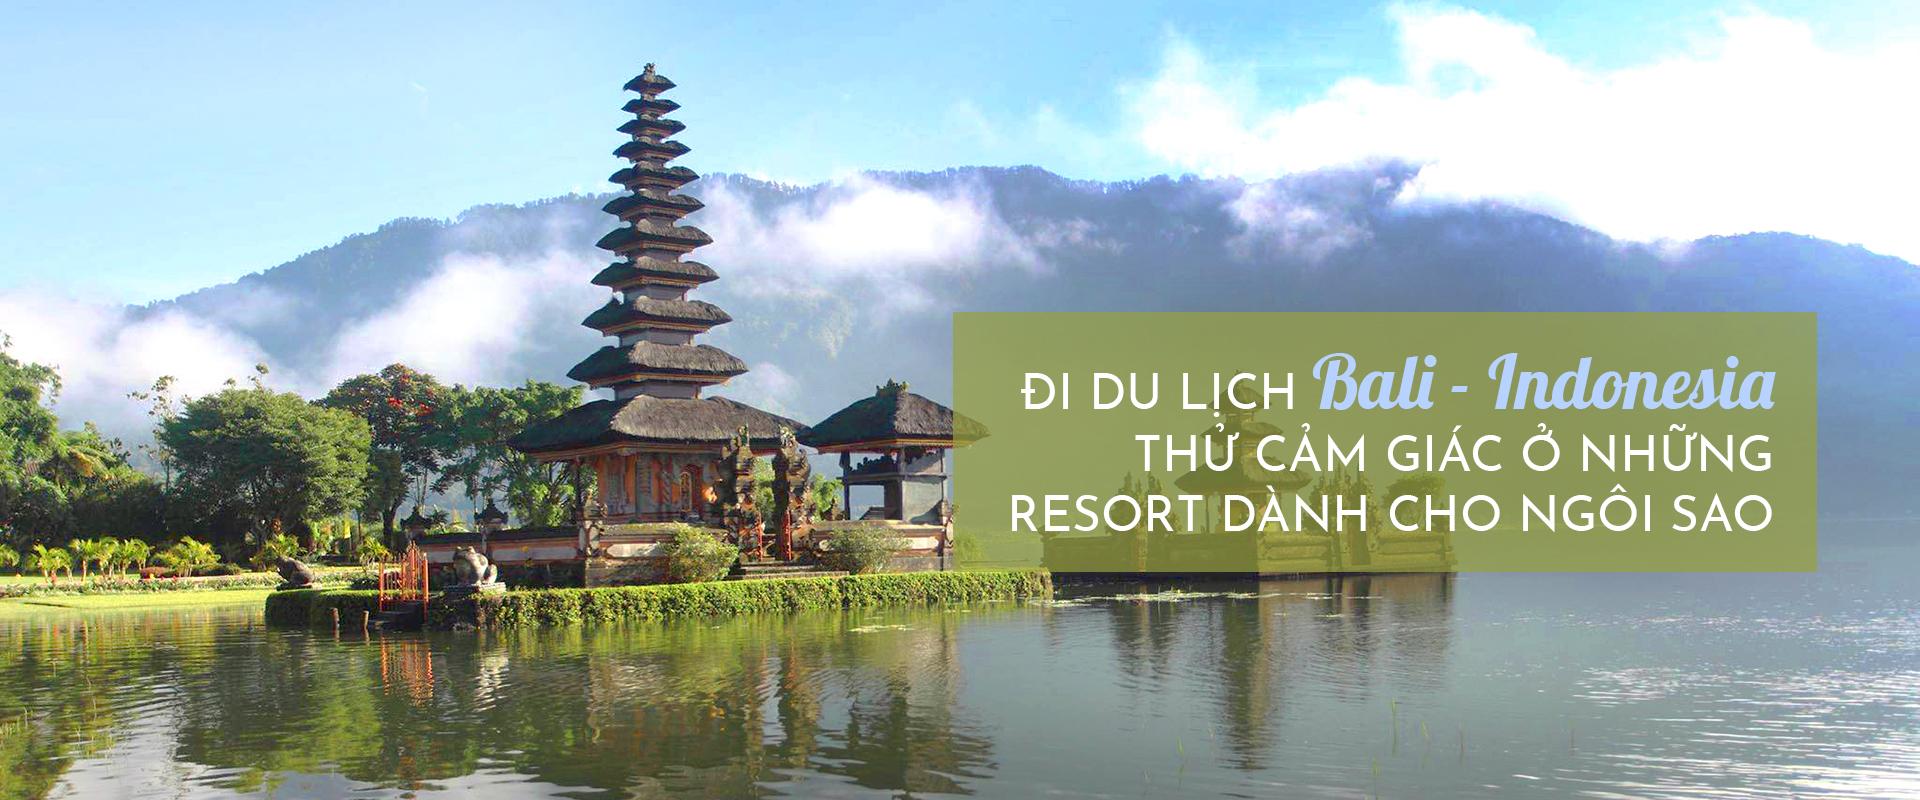 Đi du lịch Bali Indonesia: thử cảm giác ở resort dành cho ngôi sao